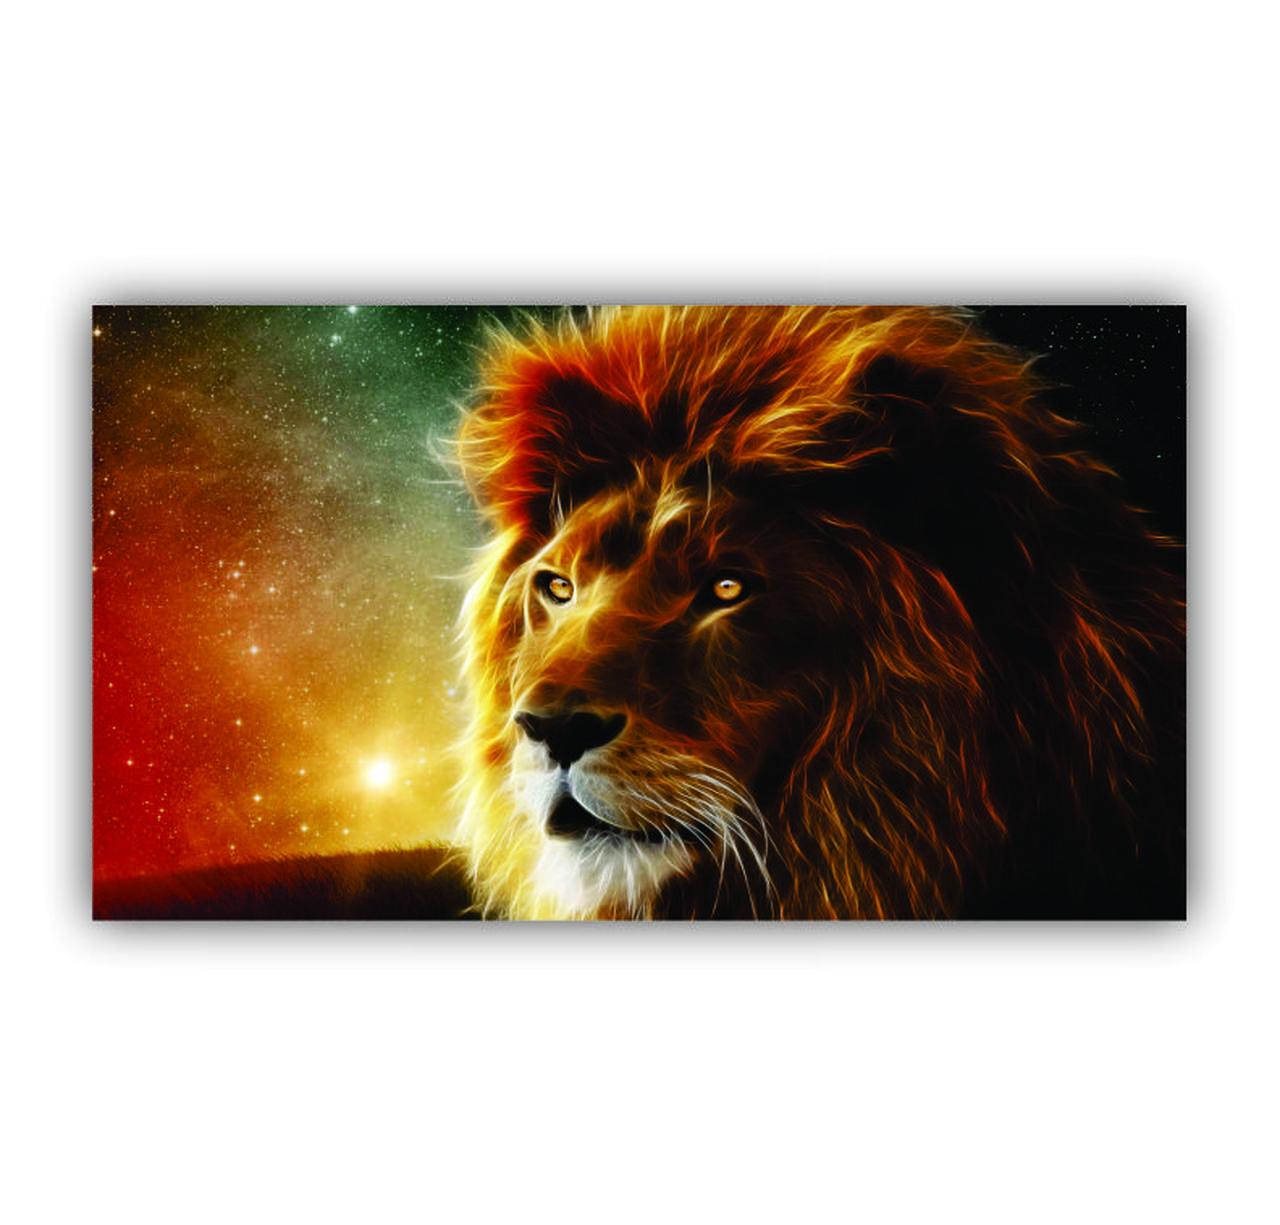 Quadro Leão Rei Céu - Tela Única